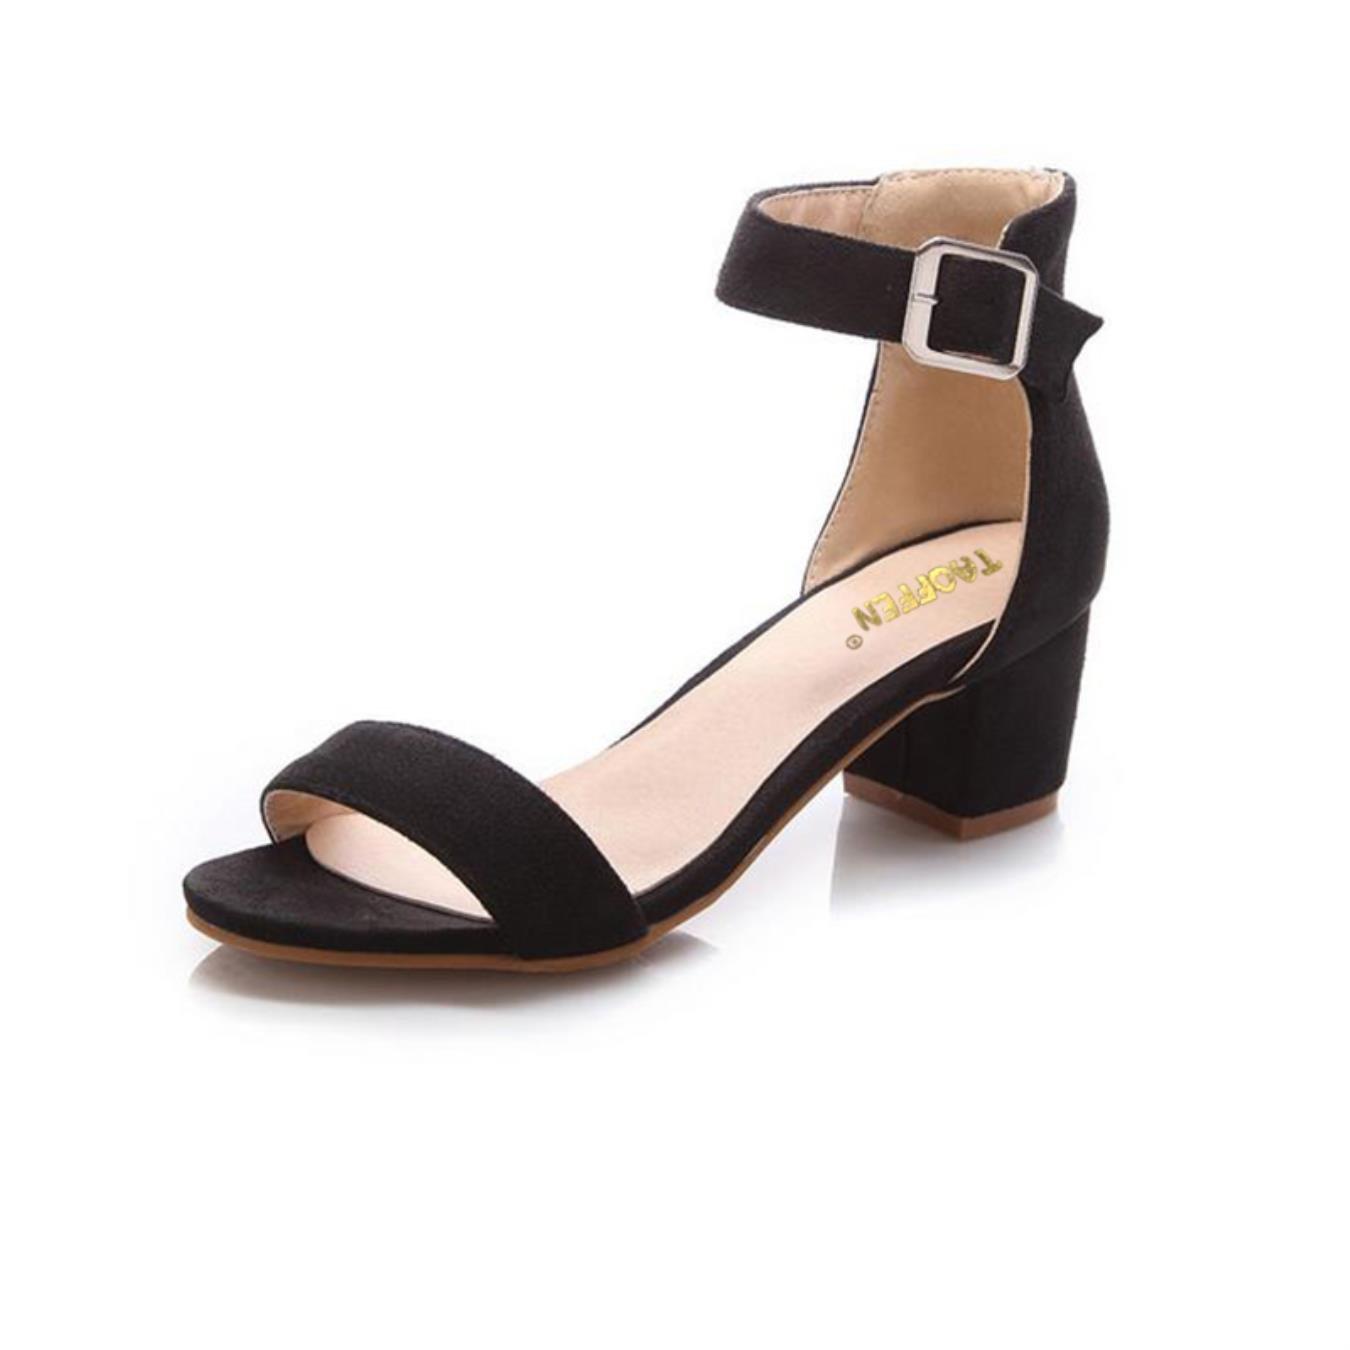 : TAOFFEN Women High Heel Sandals Women Open Peep